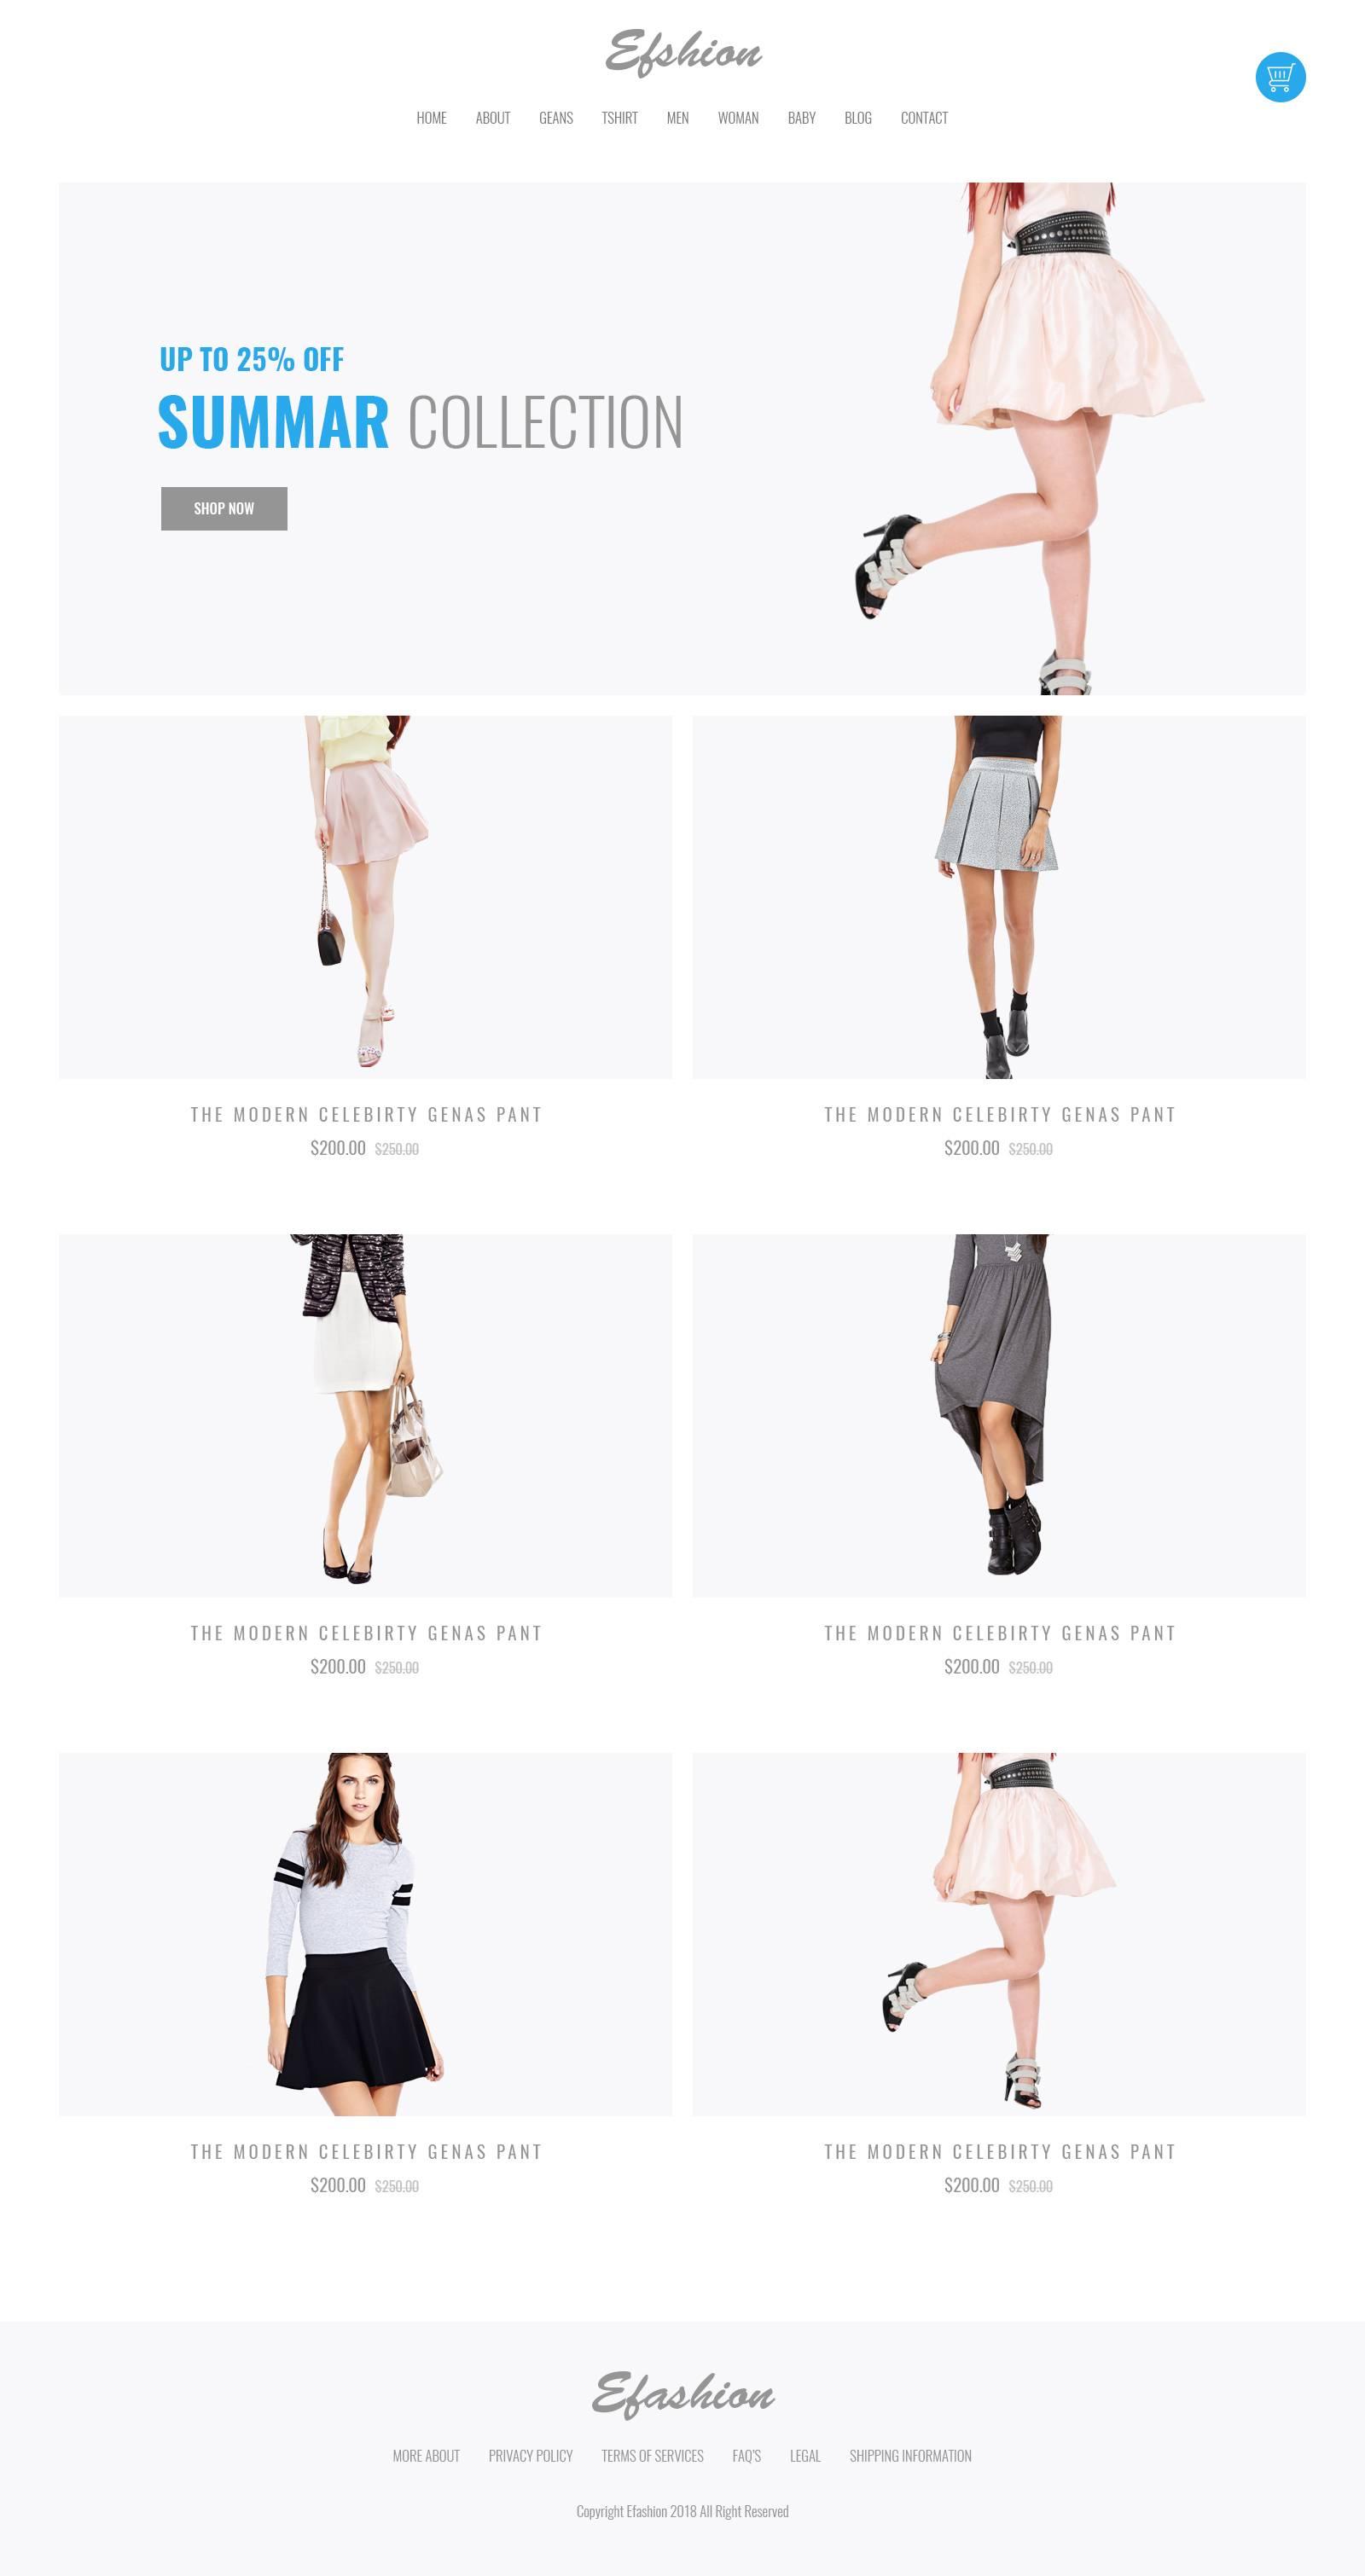 时装购物网站首页模板.psd素材下载 网页模板-第1张